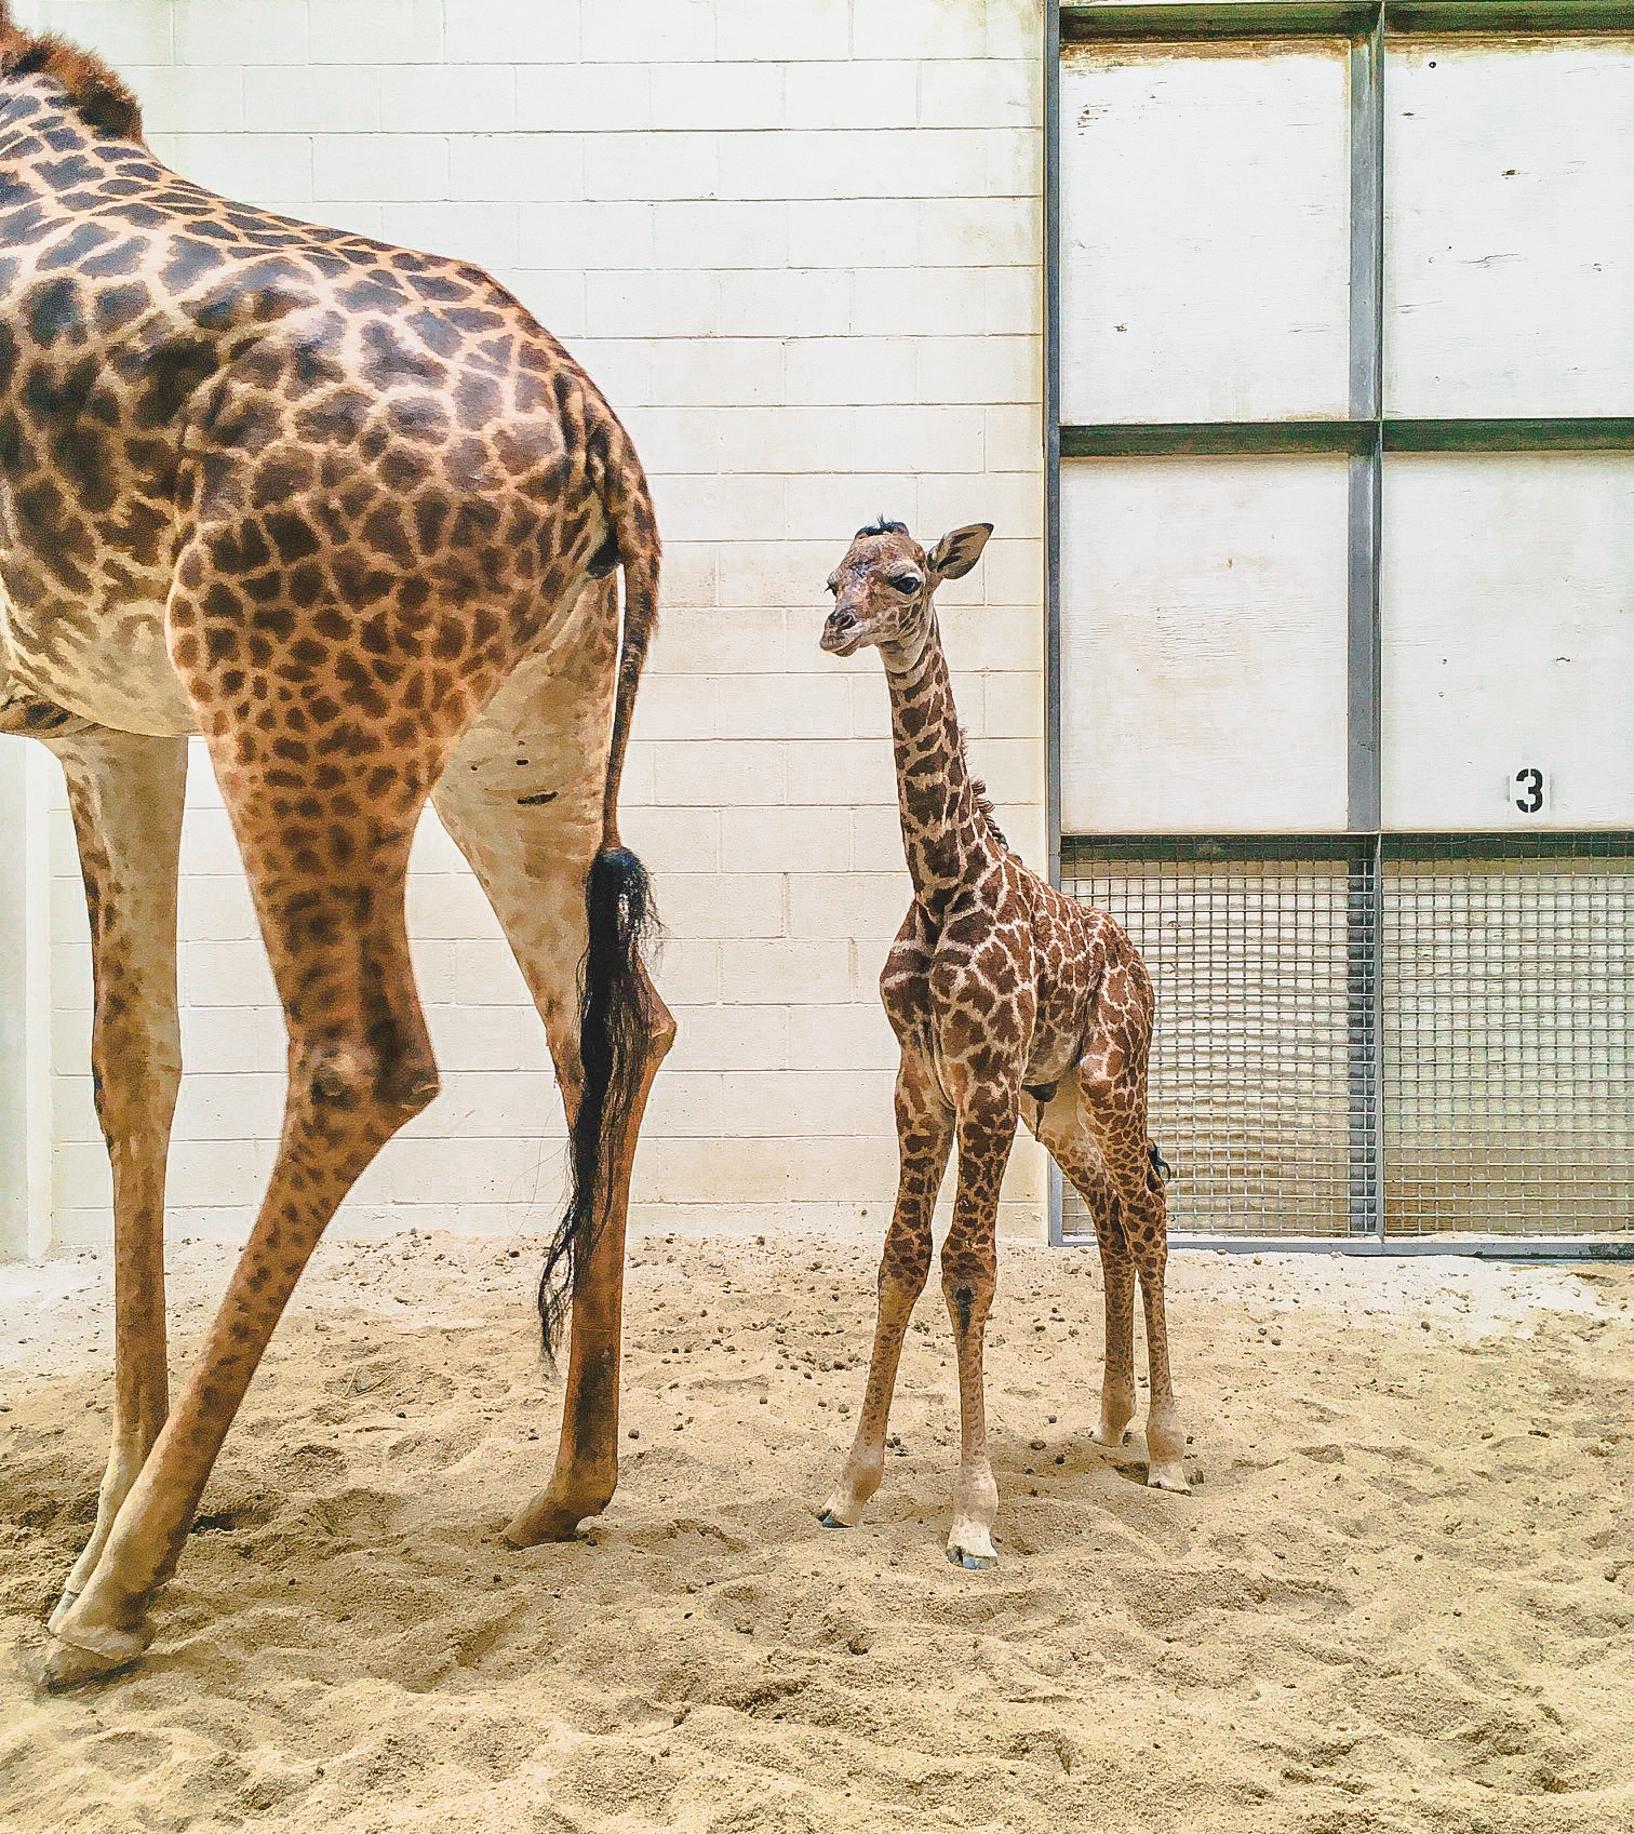 newborn giraffe calf standing next to mom